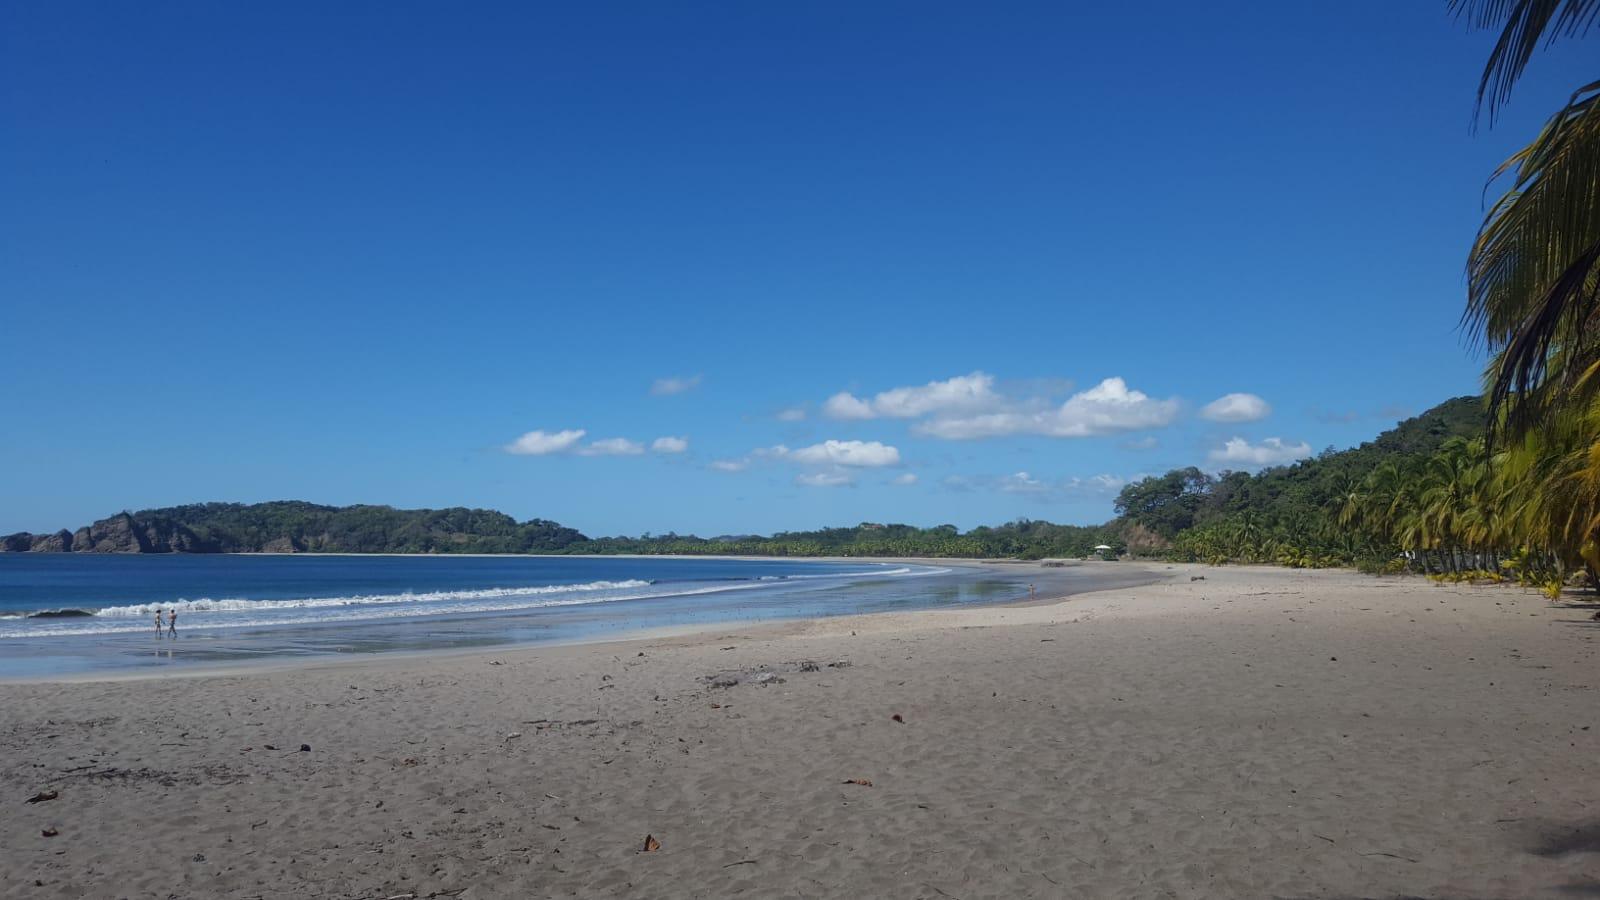 Plage sable fin ciel bleu cocotiers